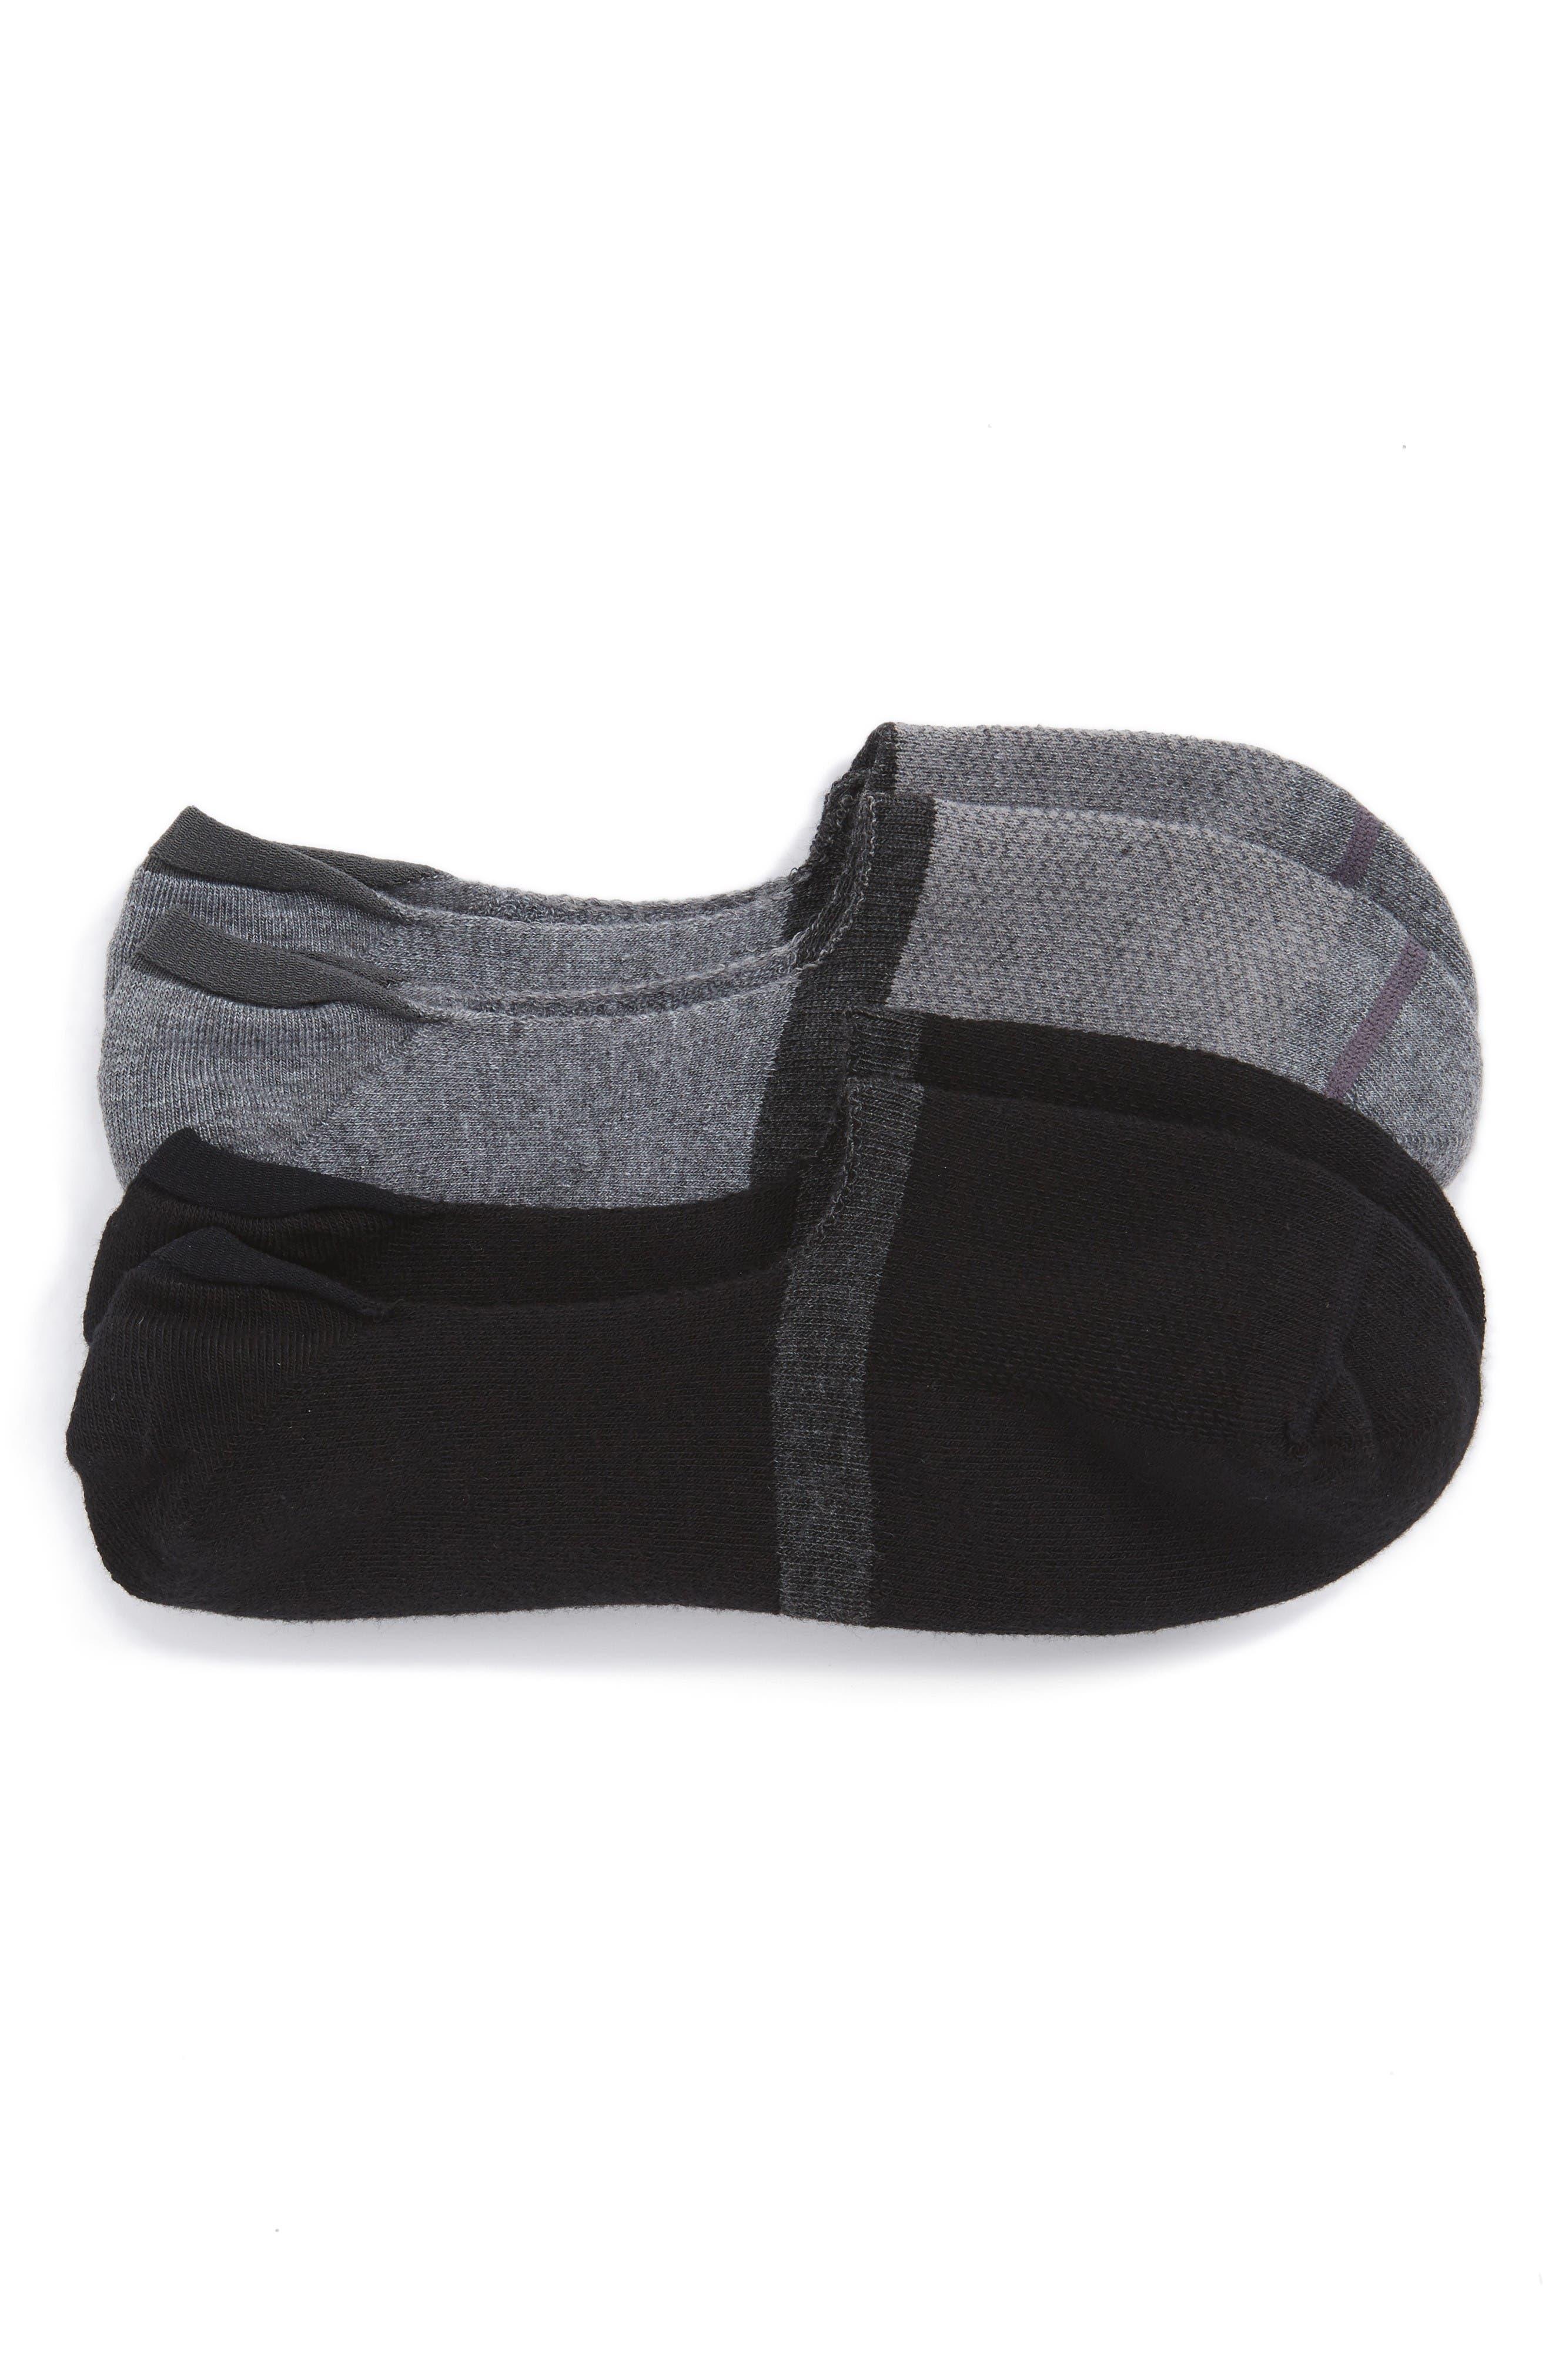 NORDSTROM MENS SHOP 2-Pack Performance Liner Socks